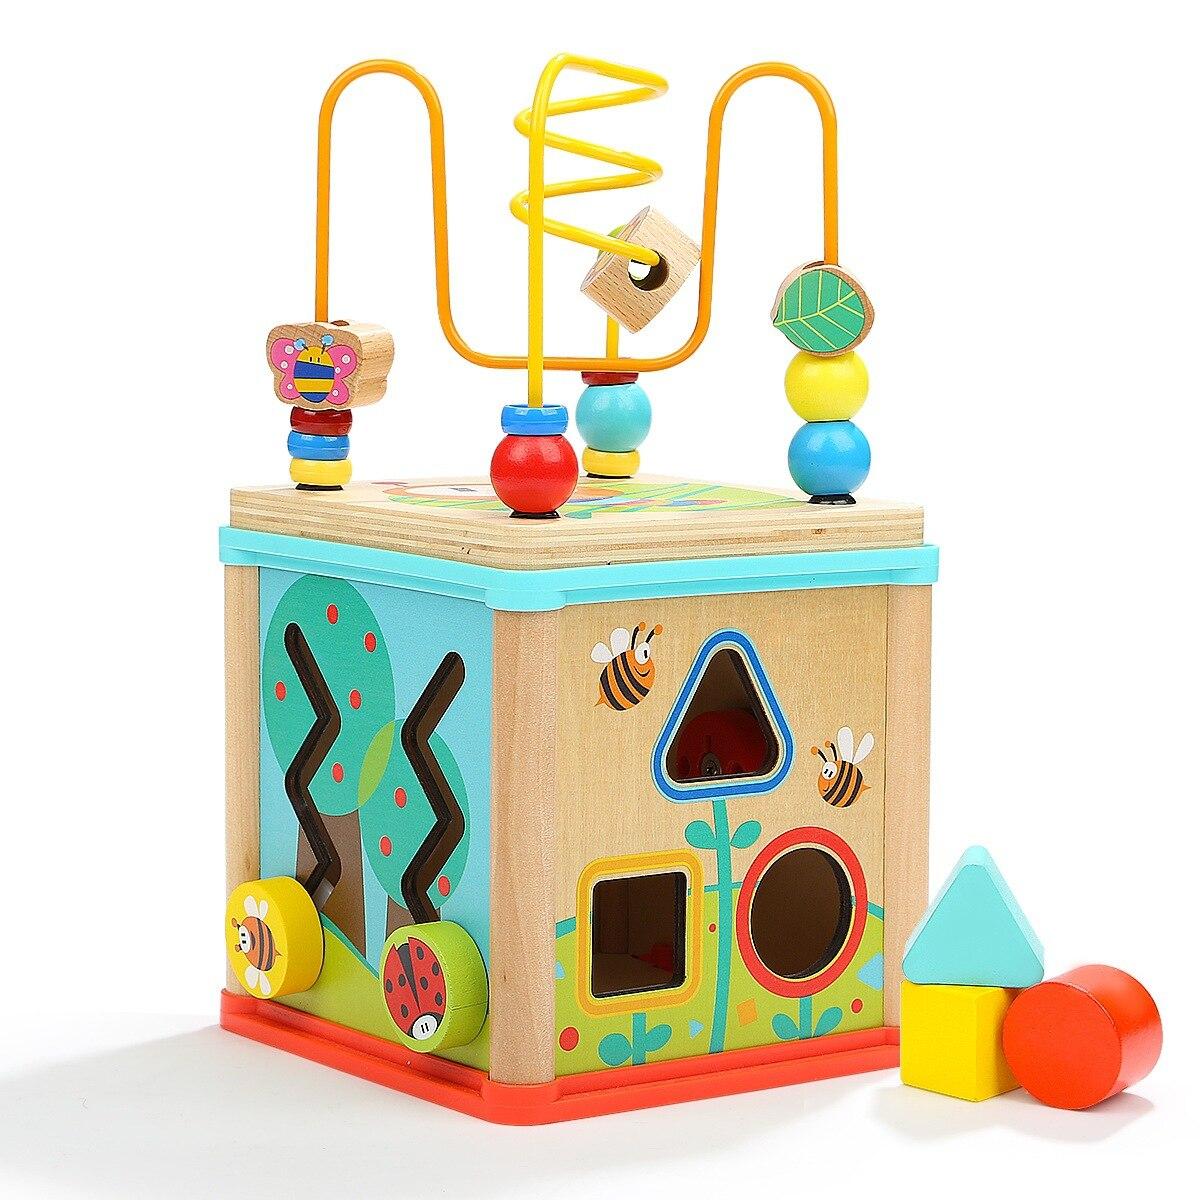 Bébé 1-3 ans puzzle perles ronde perlée en bois forme géométrique appariement horloge cognitive multifonctionnel bébé boîte au trésor